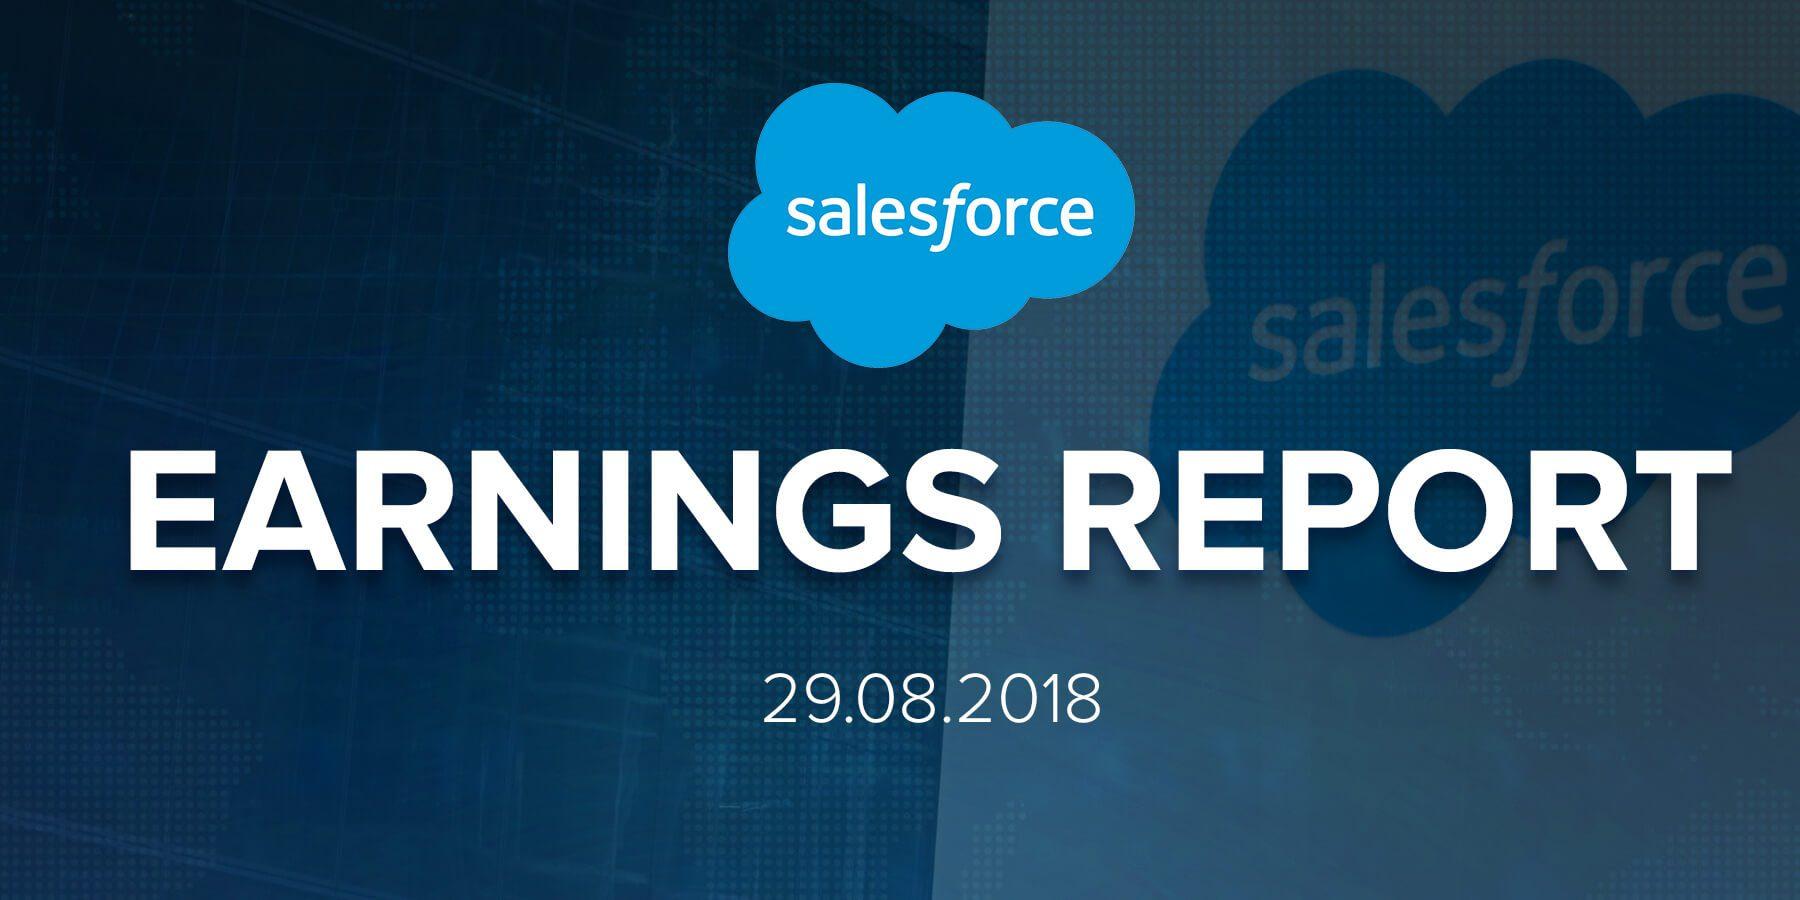 Báo cáo Thu nhập Salesforcce.com. Is It Worth tiền của bạn?